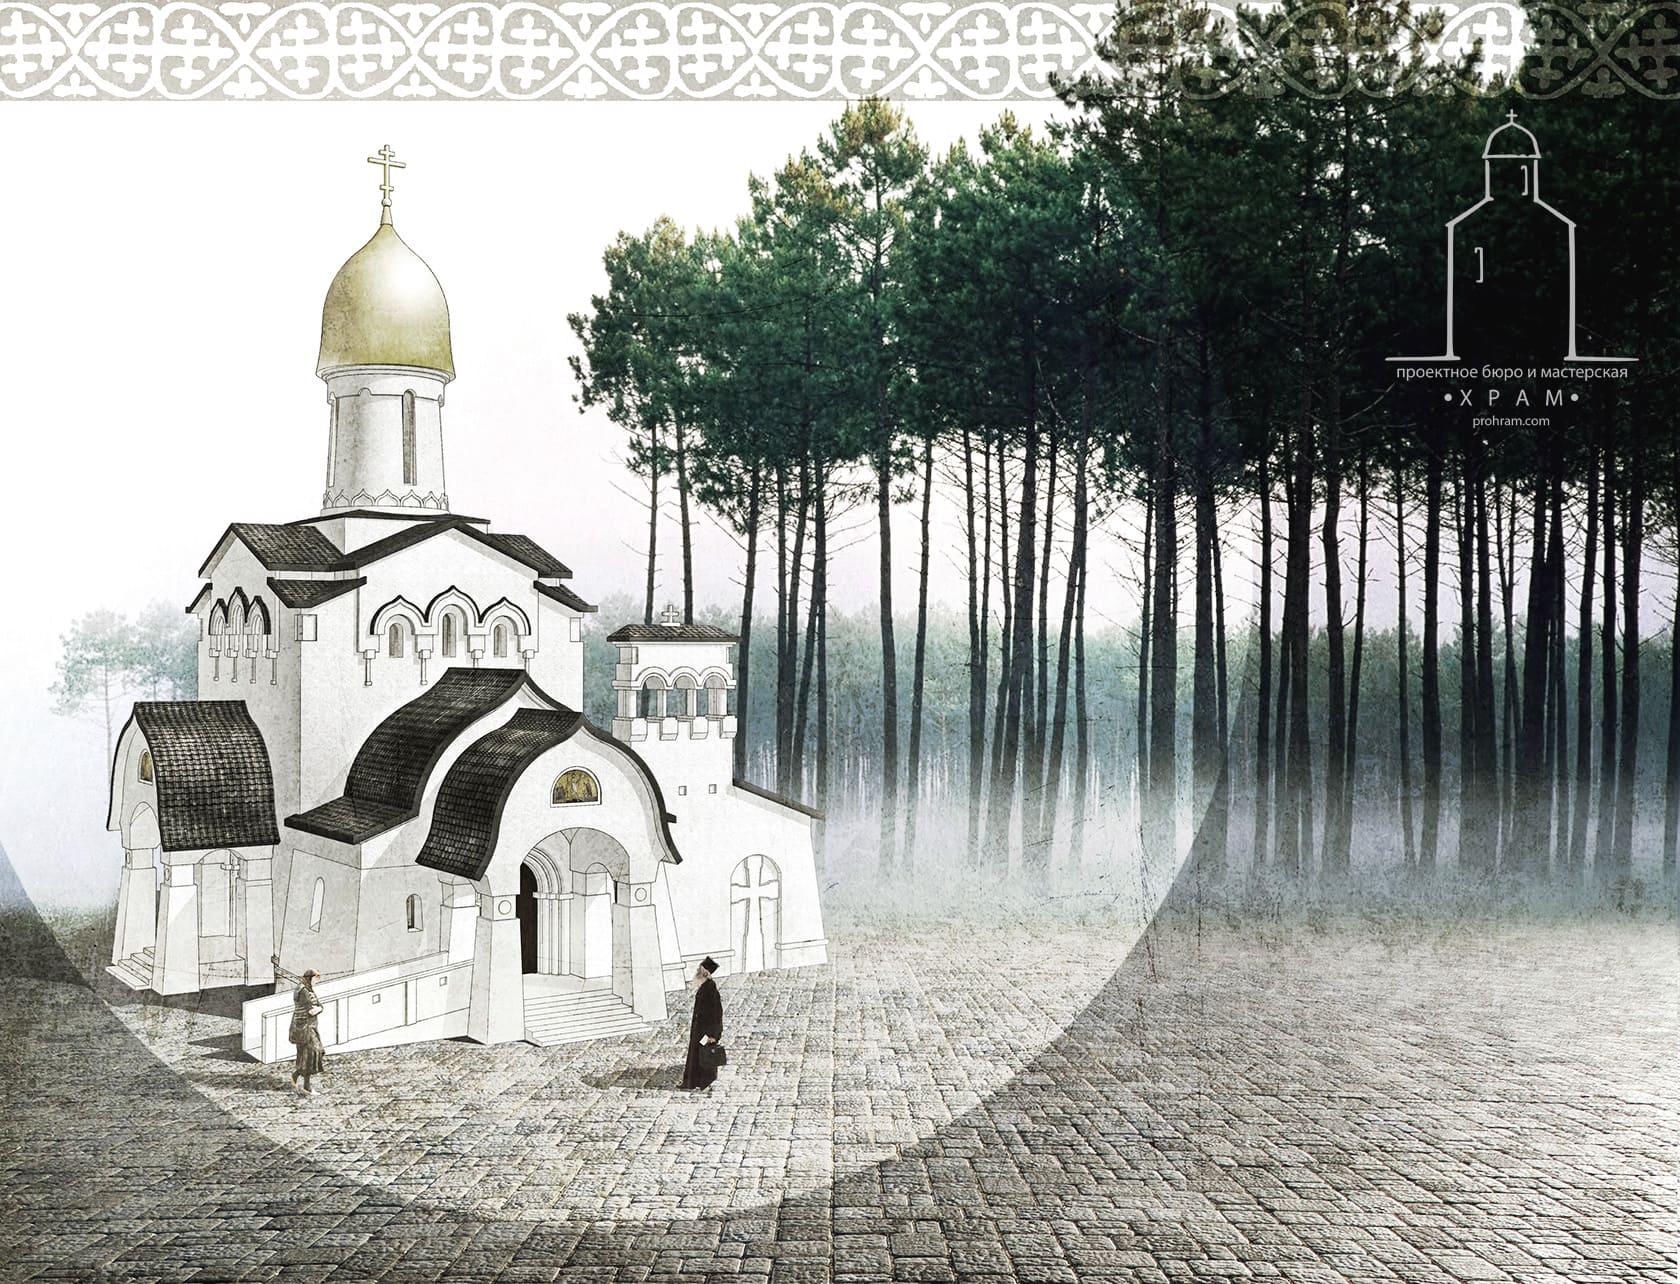 православный храм проект, храм на 100 человек проект, проект православного храма, архитектурное бюро проект